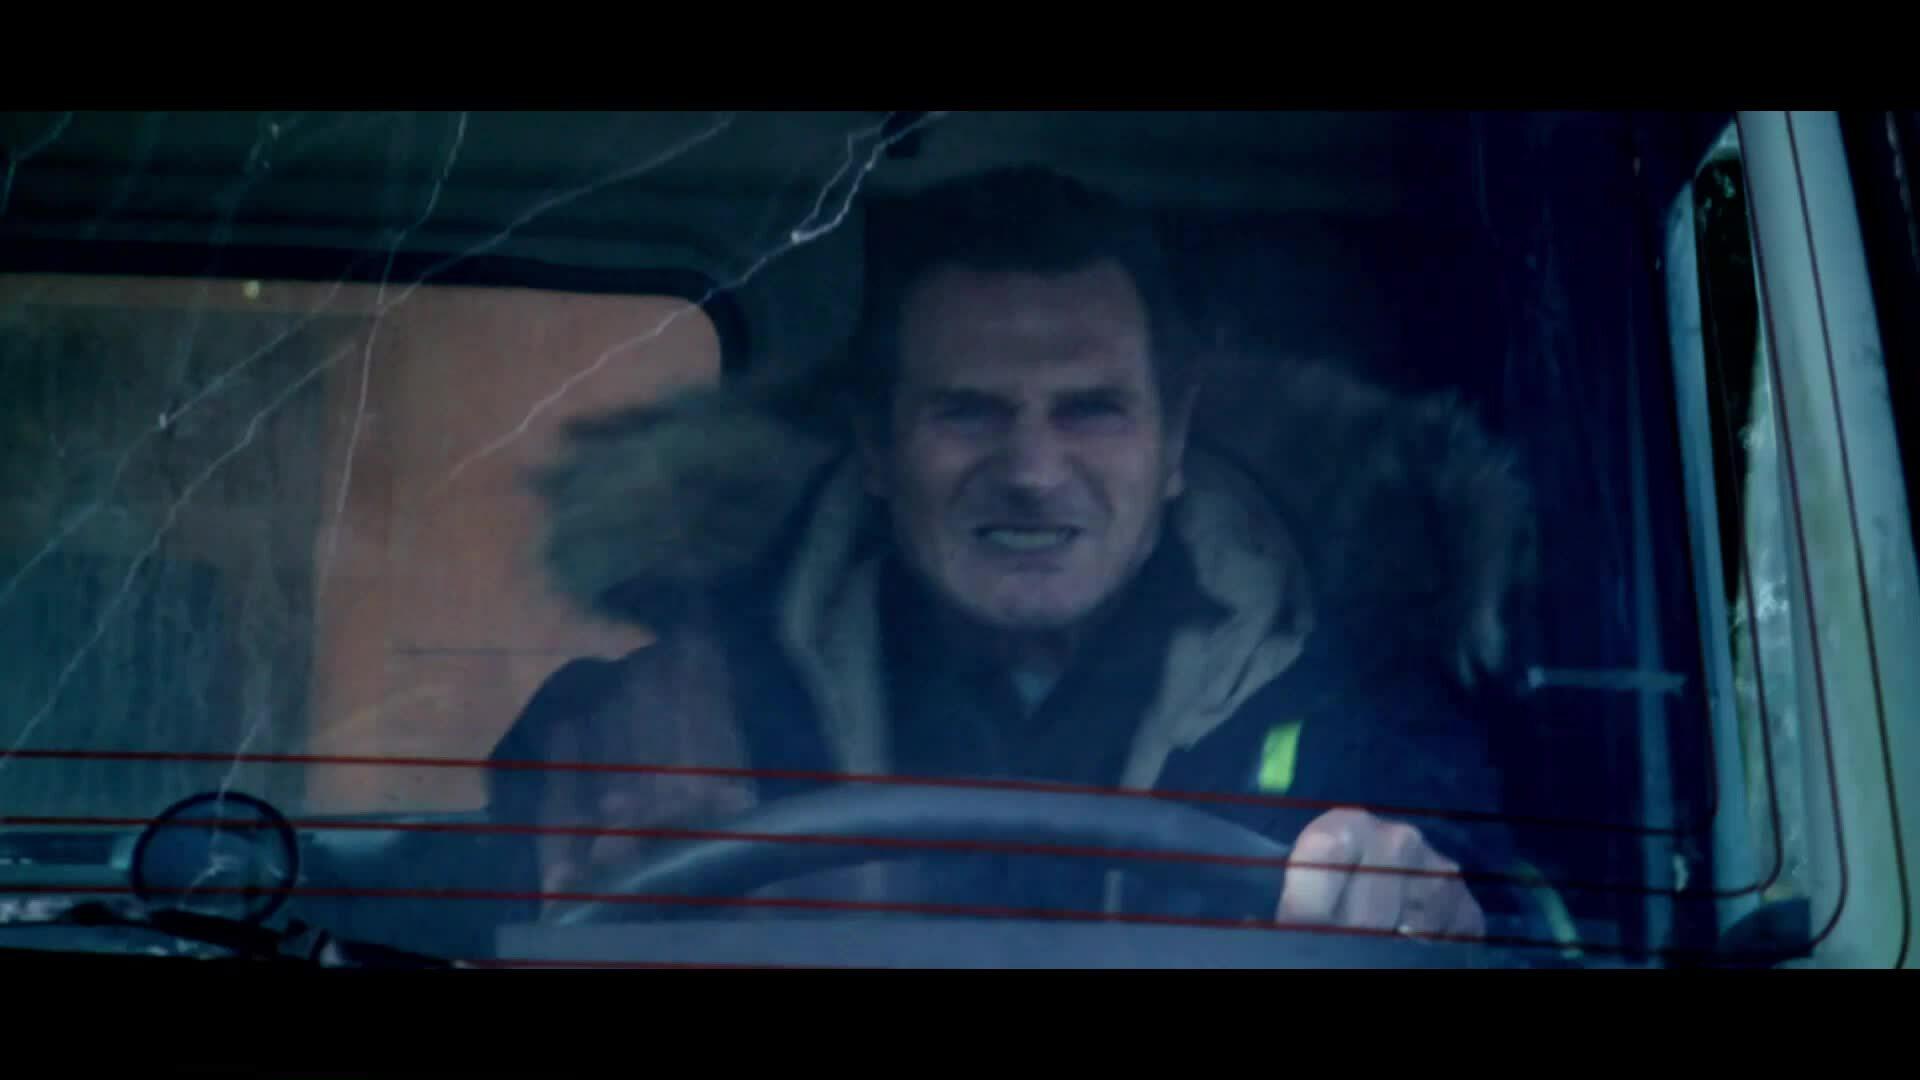 Ngôi sao Liam Neeson có thể sẽ đóng vai hành động cuối cùng trên màn ảnh